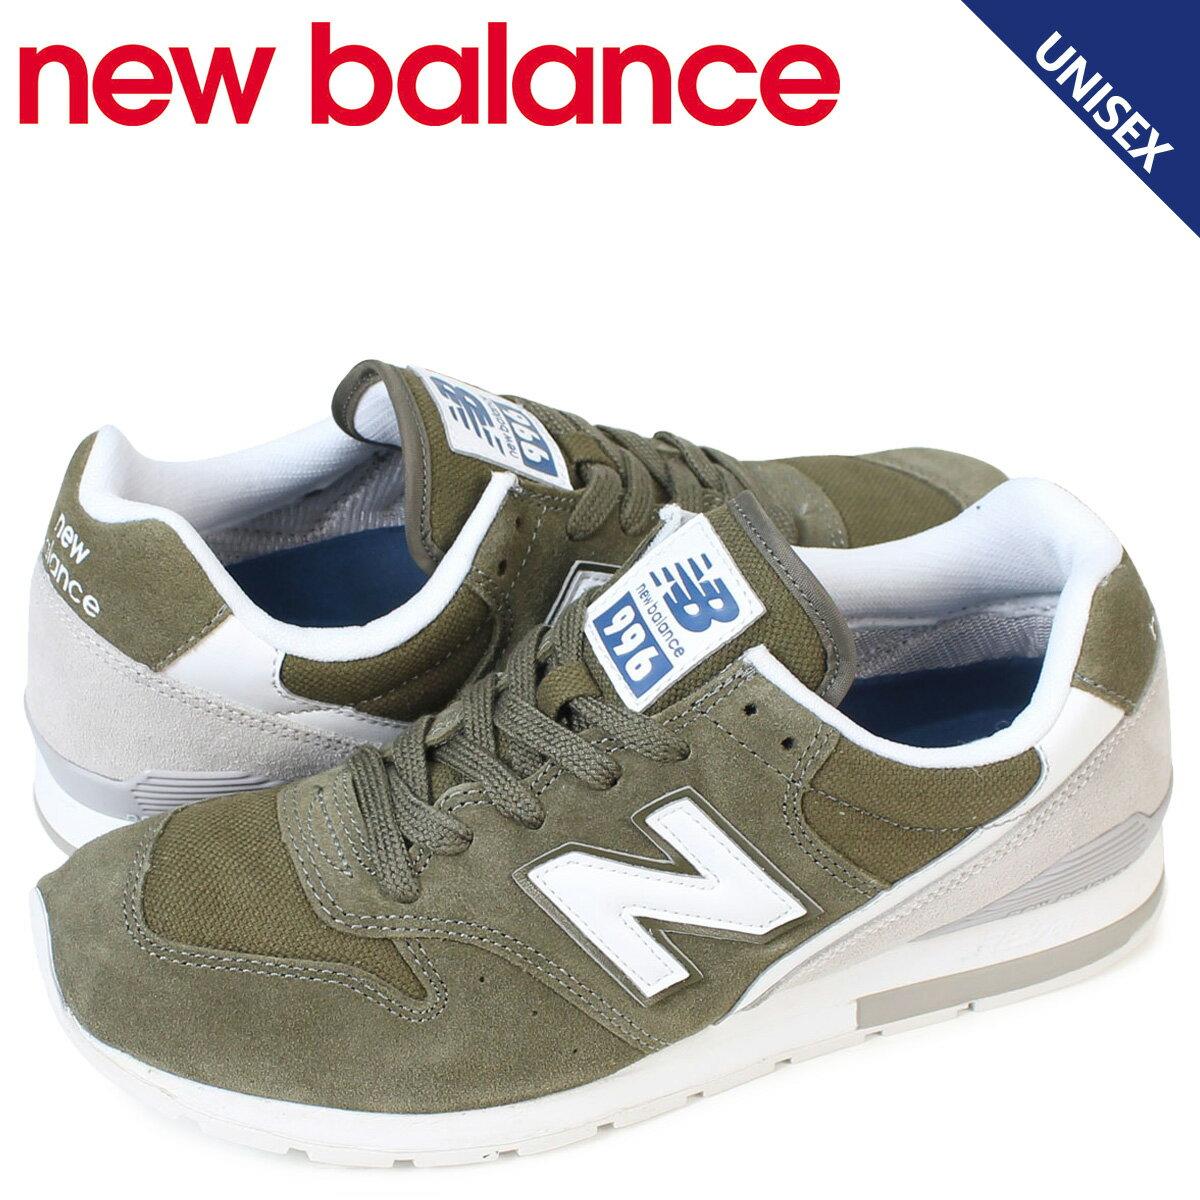 new balance 996 メンズ レディース ニューバランス スニーカー MRL996JY Dワイズ 靴 ベージュ[179]